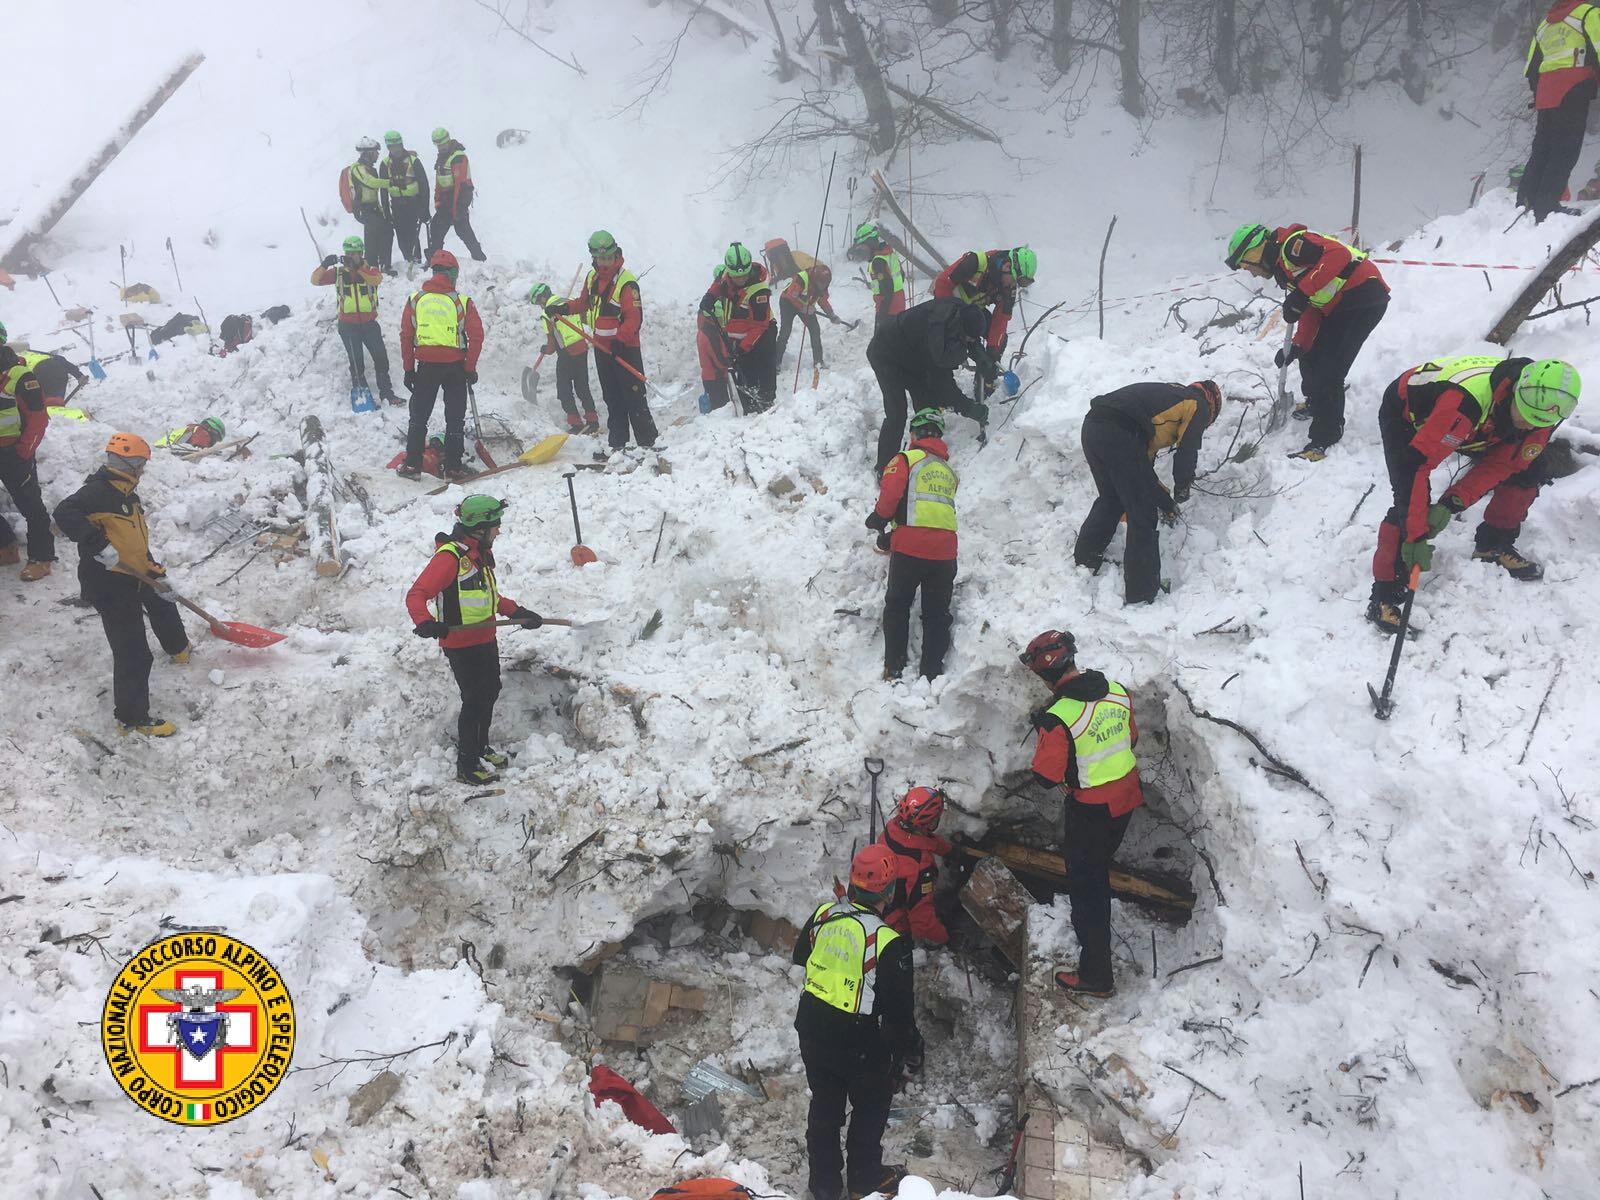 Emergenza neve in Centro Italia: il cuore straordinario dell'Italia che sa aiutare gli altri | Emergency Live 34